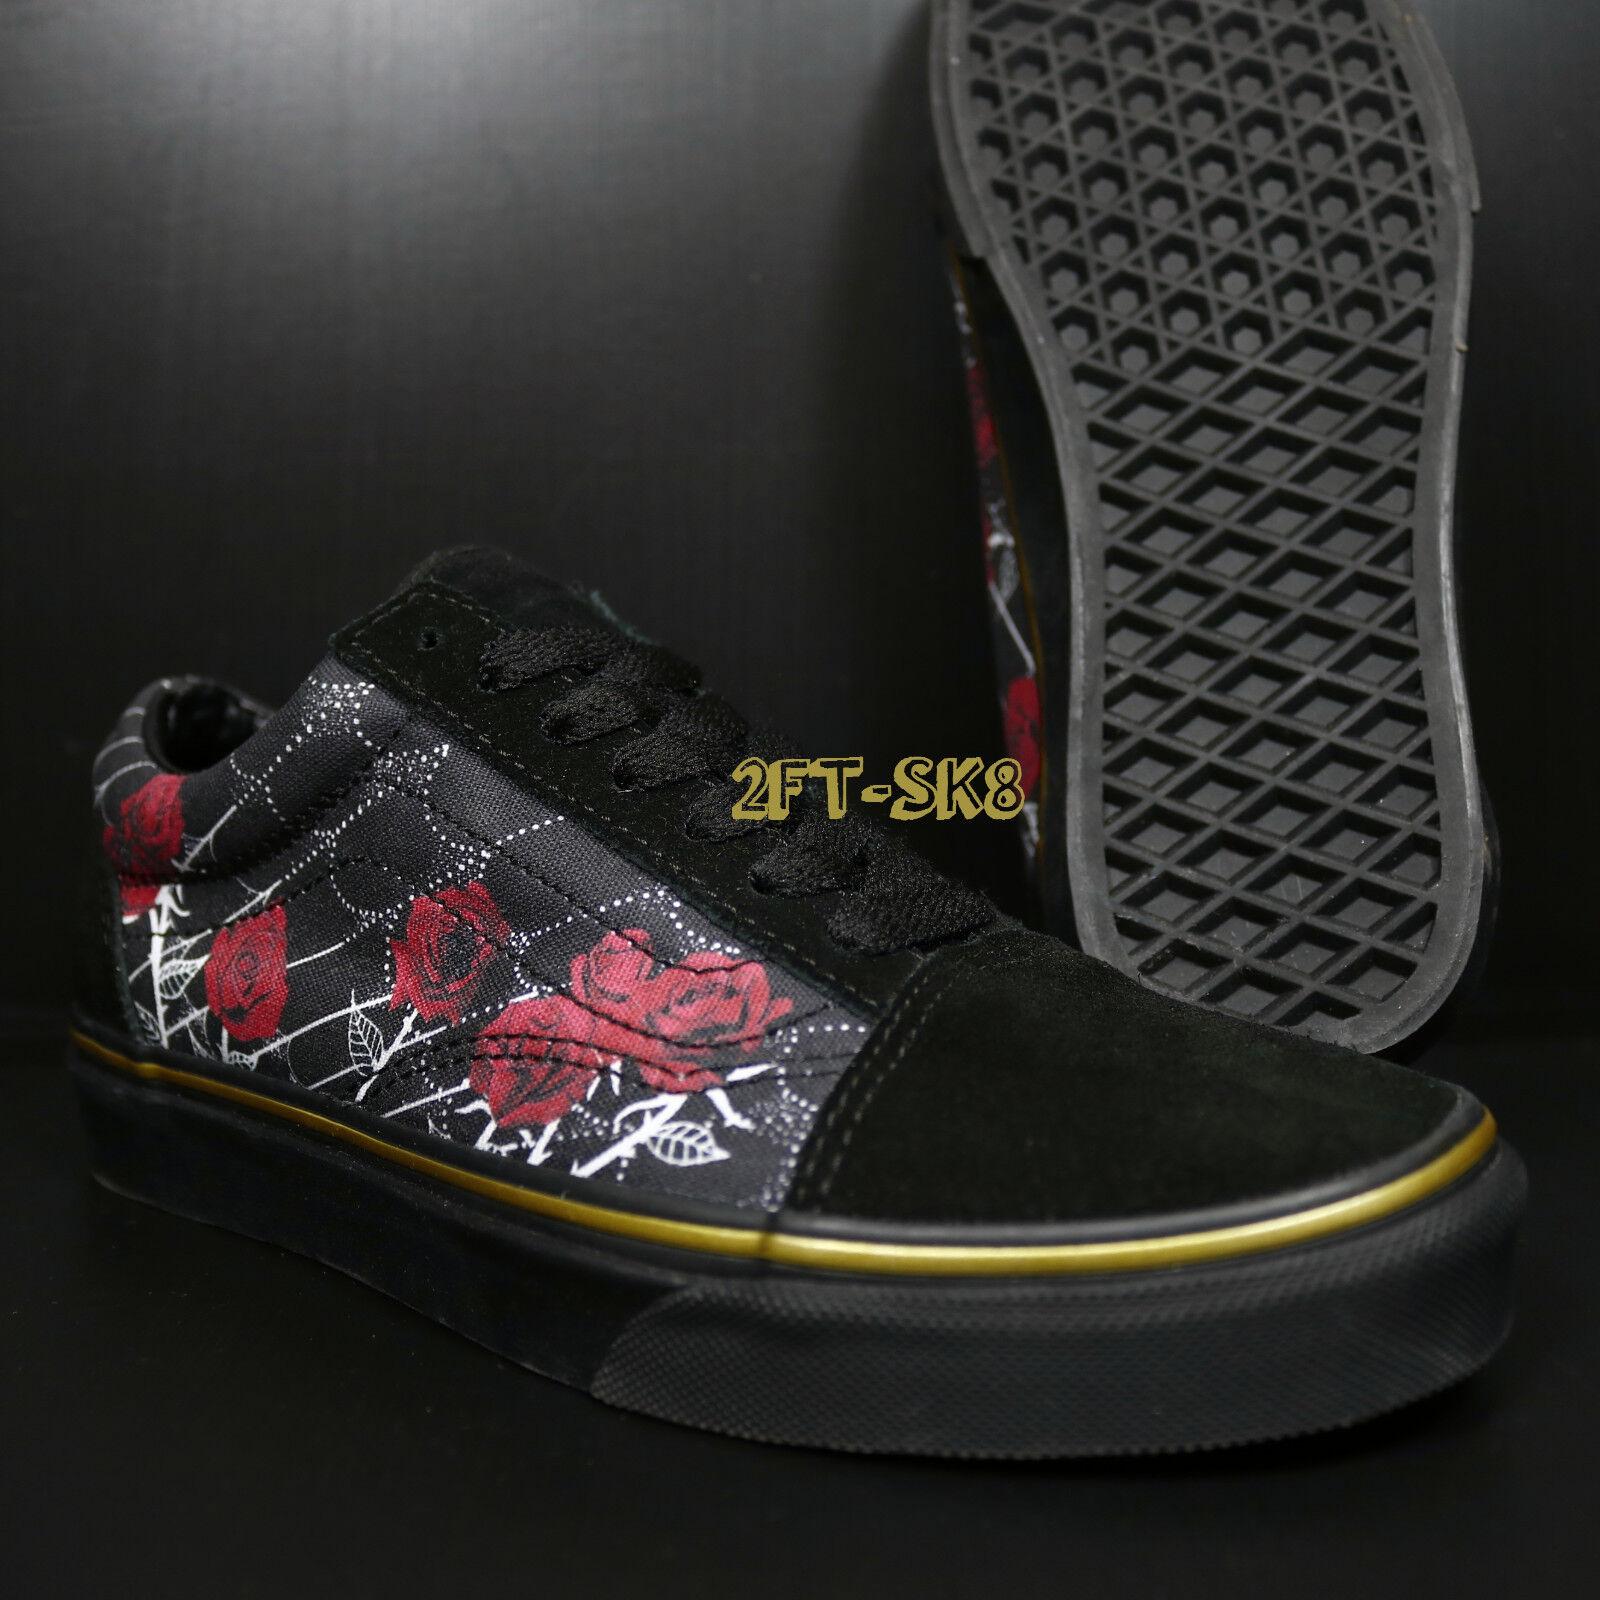 VANS OLD SKOOL SPIDER ROSES MULTI METALLIC WOMEN'S SKATE Schuhe/ S85122.219